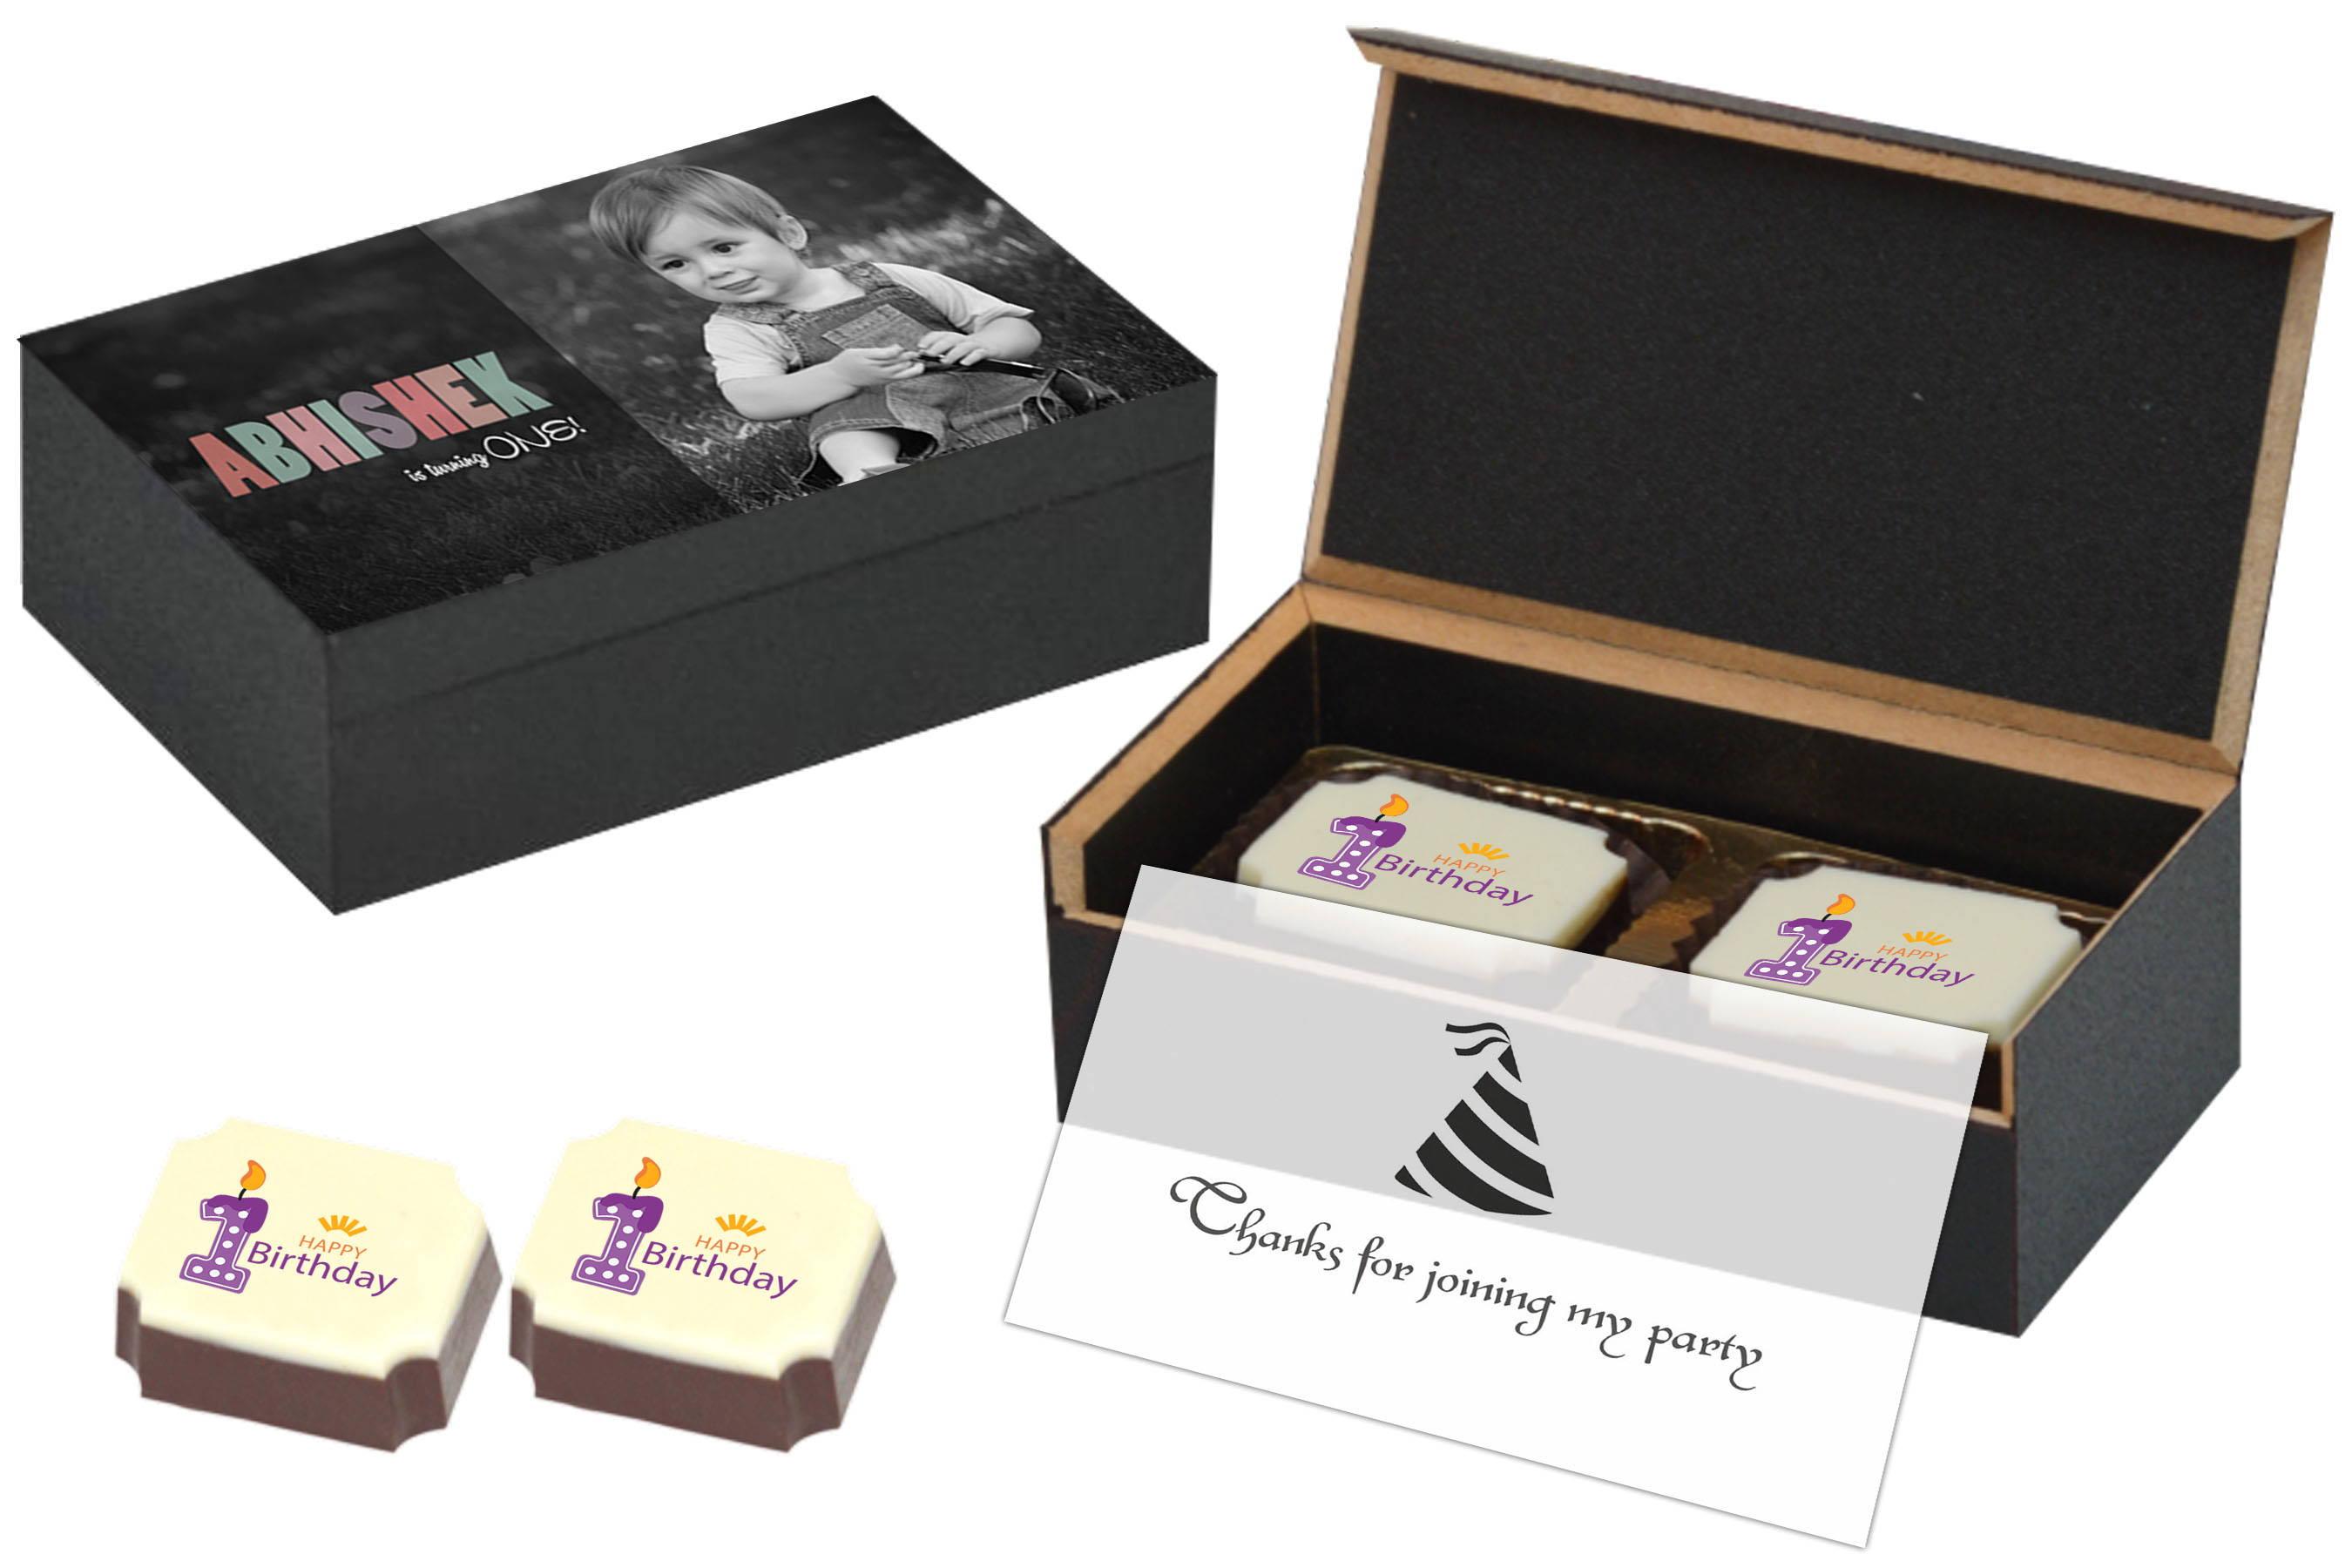 Exquisite Birthday Return Gifts Chococraft CHOCOCRAFT